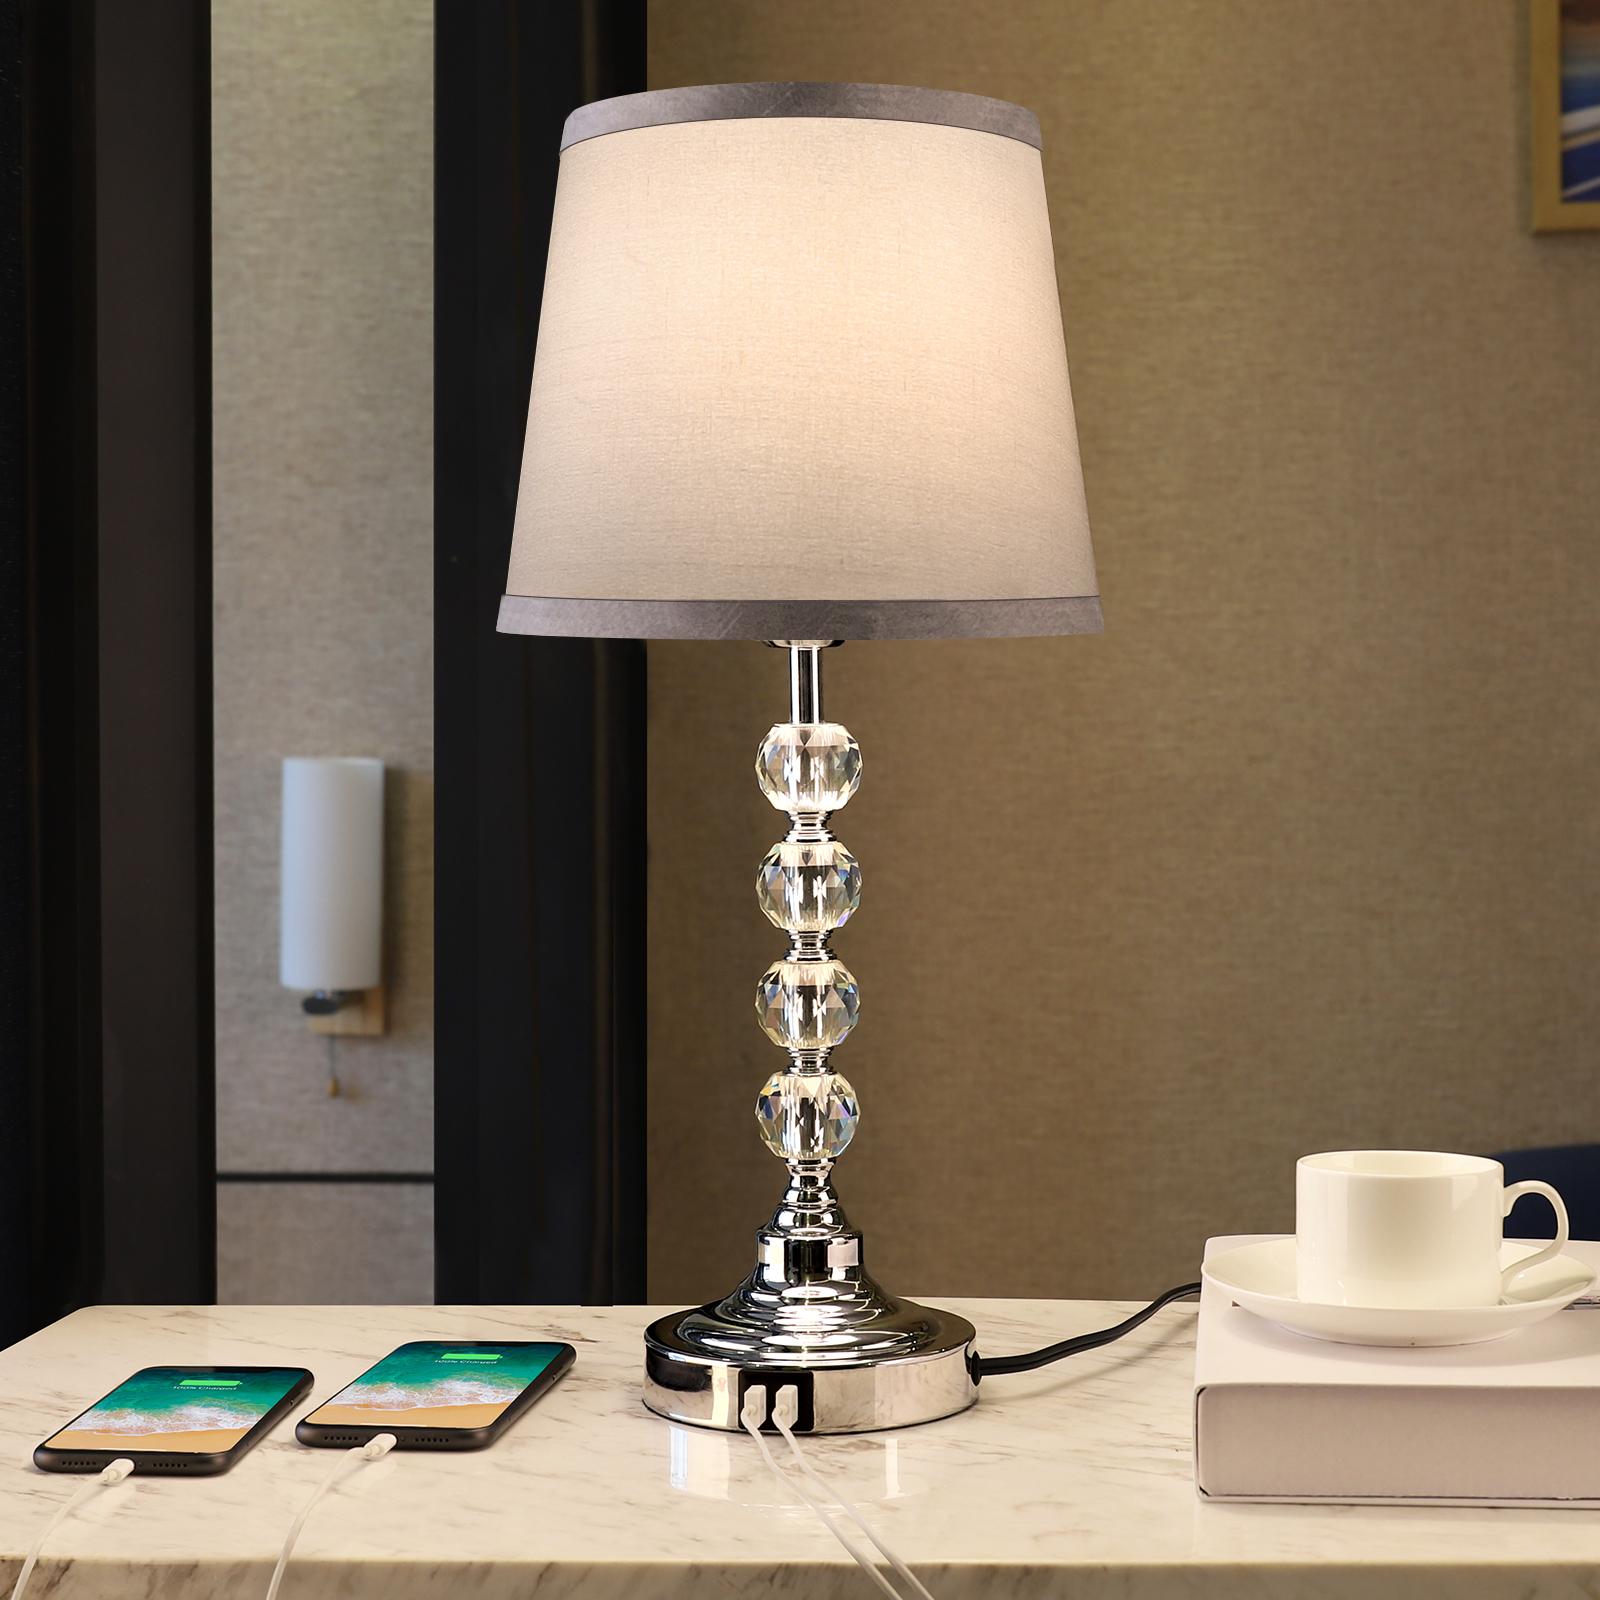 USB Tischlampe, Crystal Table Lamp Touch Control 3 Weg dimmbare Nachttischlampe mit 2 USB-Ladeanschlüsse, Moderne Nachttischlampe mit grauem Stoffschirm für Schlafzimmerlampen, Wohnzimmer, Studierzimmer, Büro